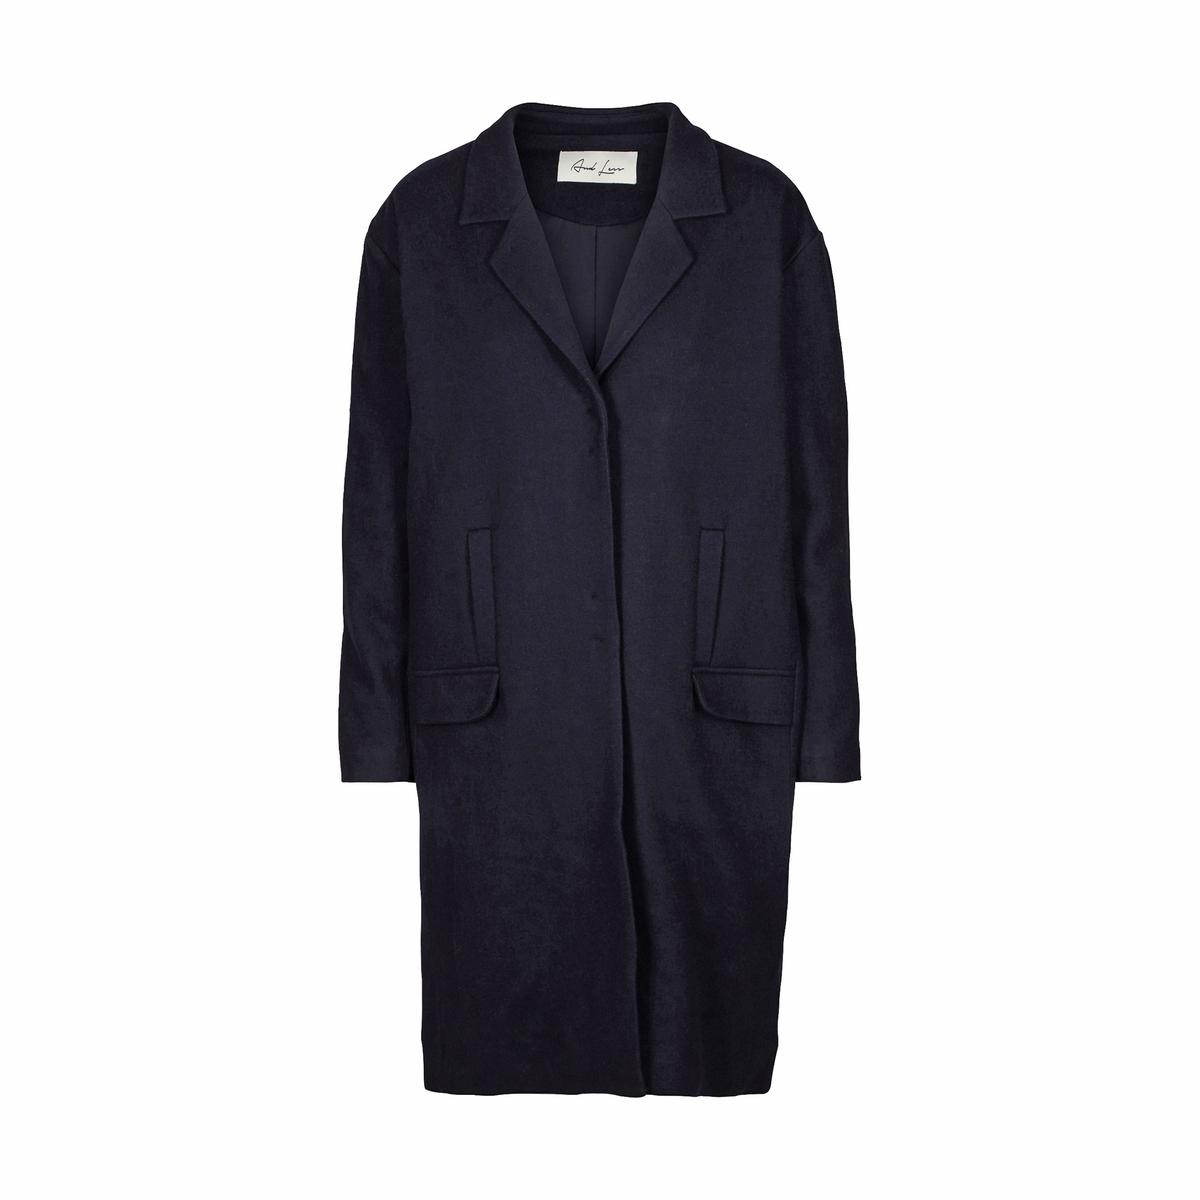 Пальто прямого покроя из шерстяного драпа пальто с капюшоном из шерстяного драпа